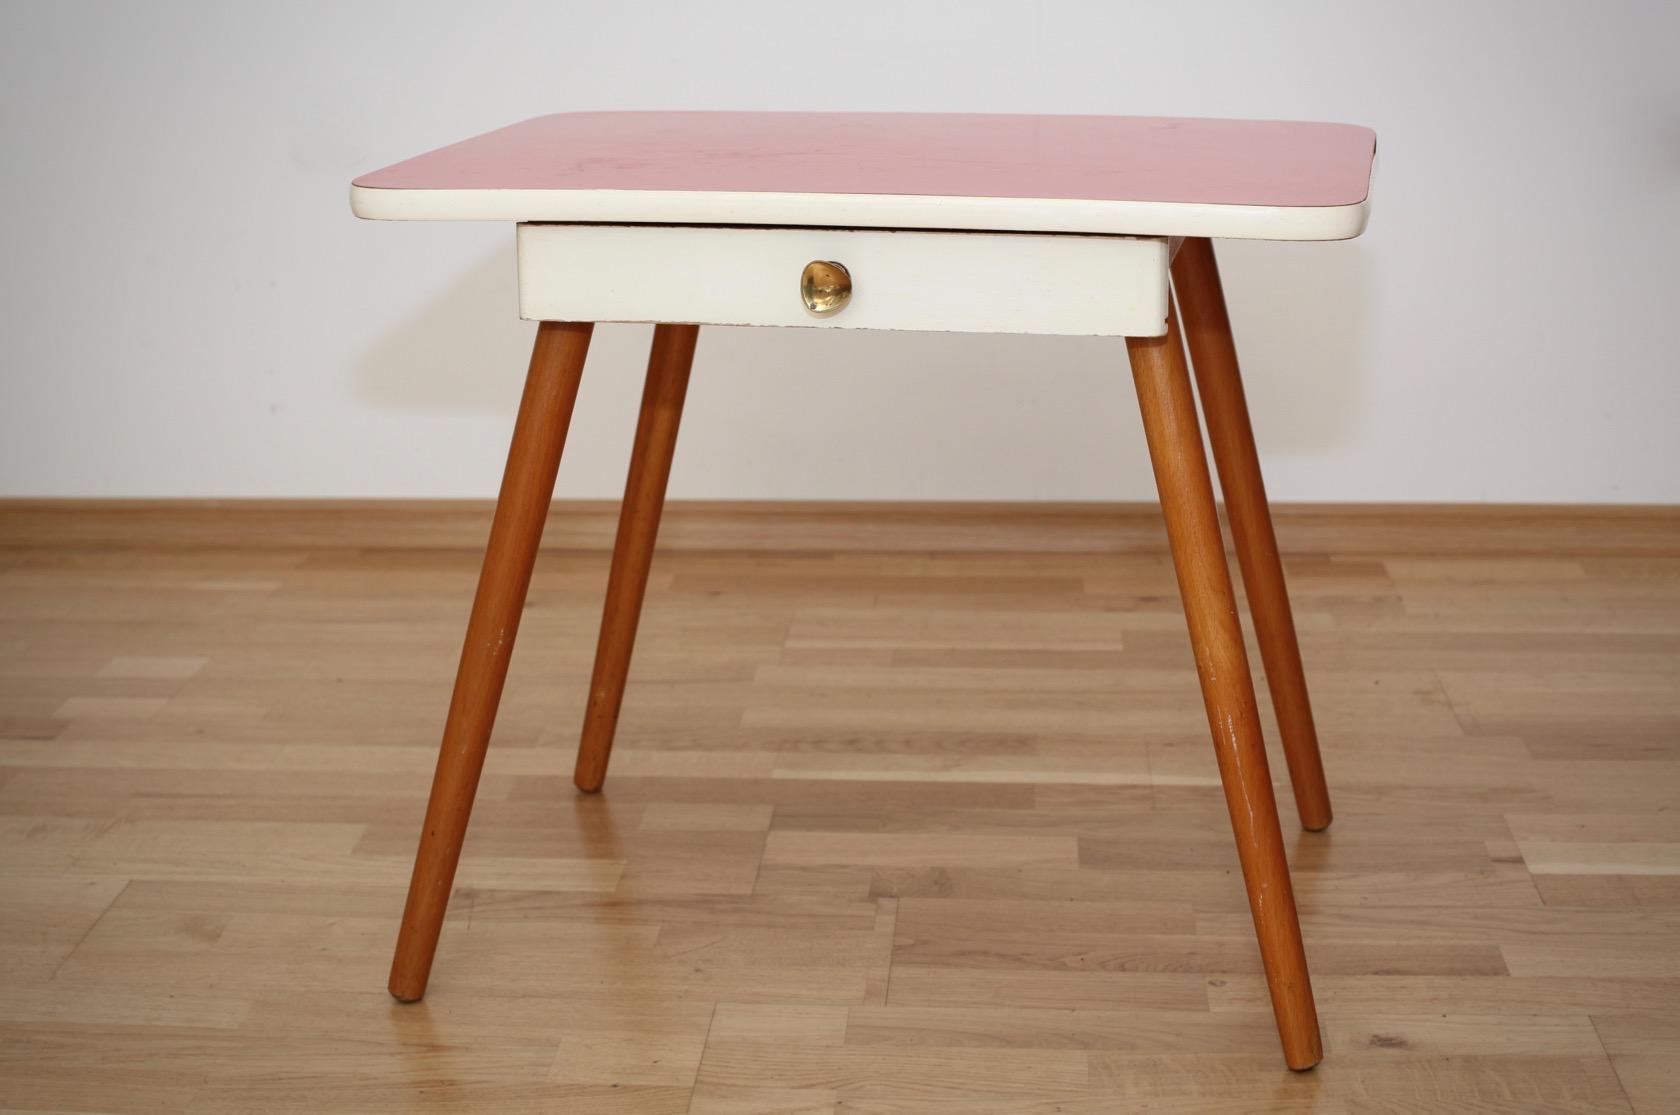 kindertisch und stuhl aus den 50ern raumwunder vintage wohnen in n rnberg. Black Bedroom Furniture Sets. Home Design Ideas